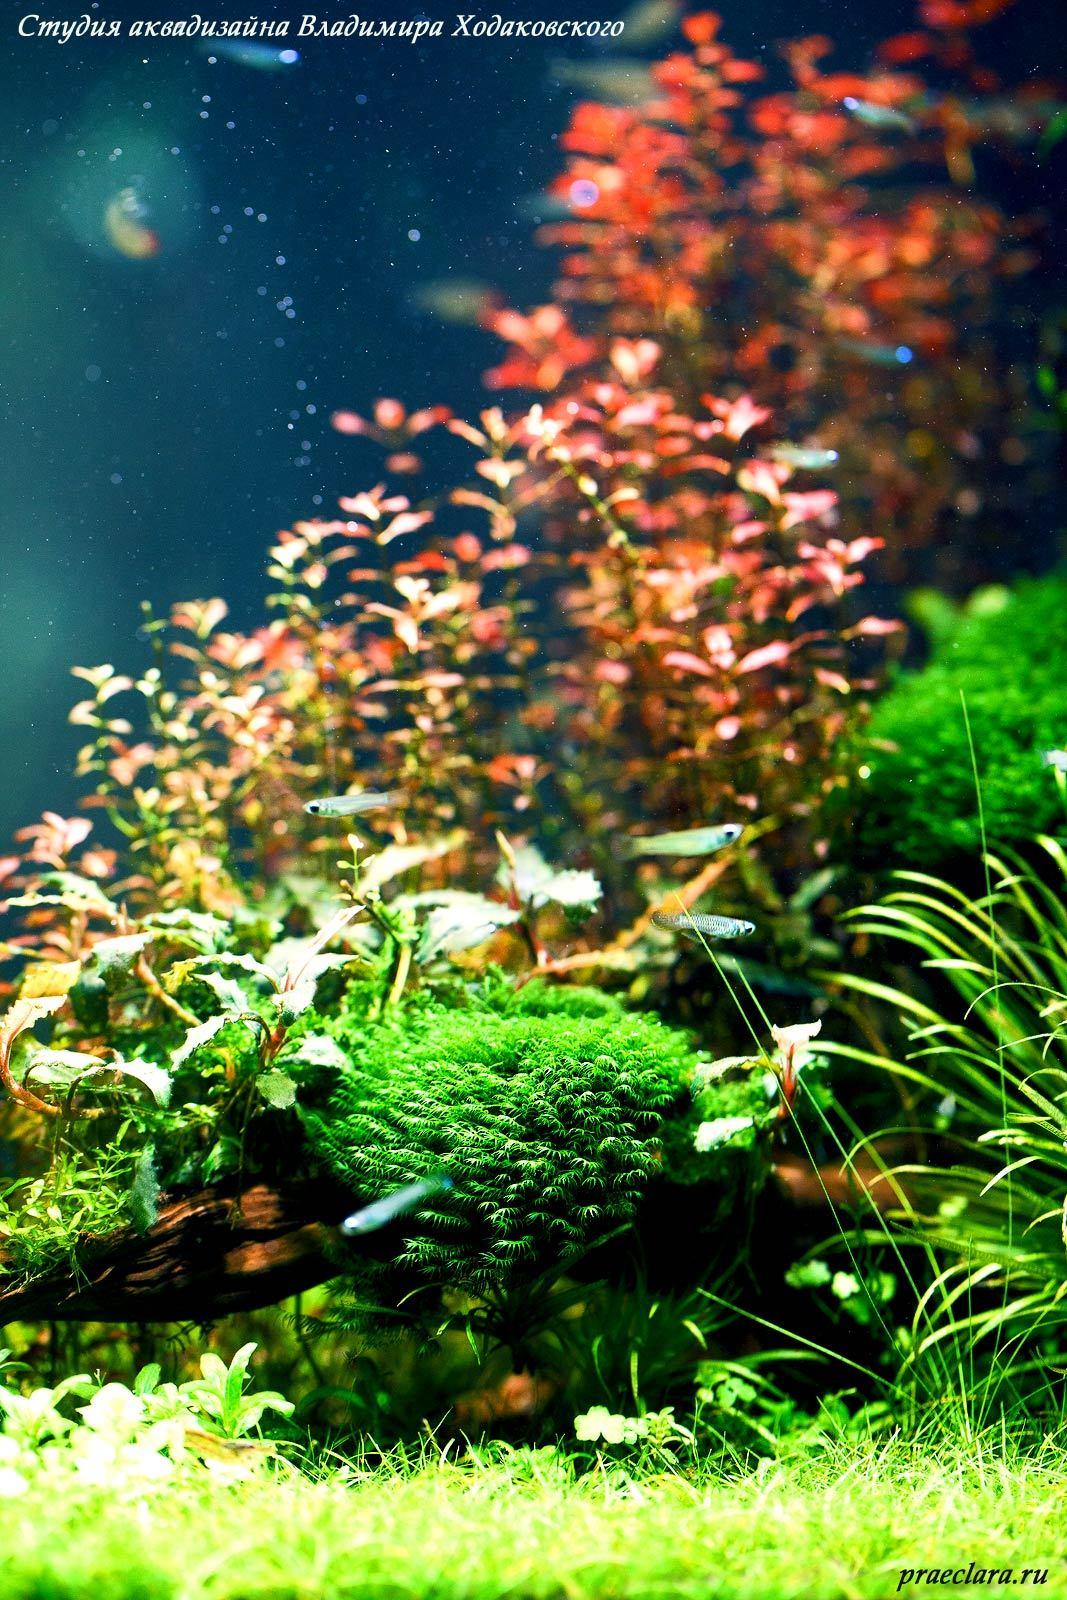 Fissidens fontanus – Phoenix moss